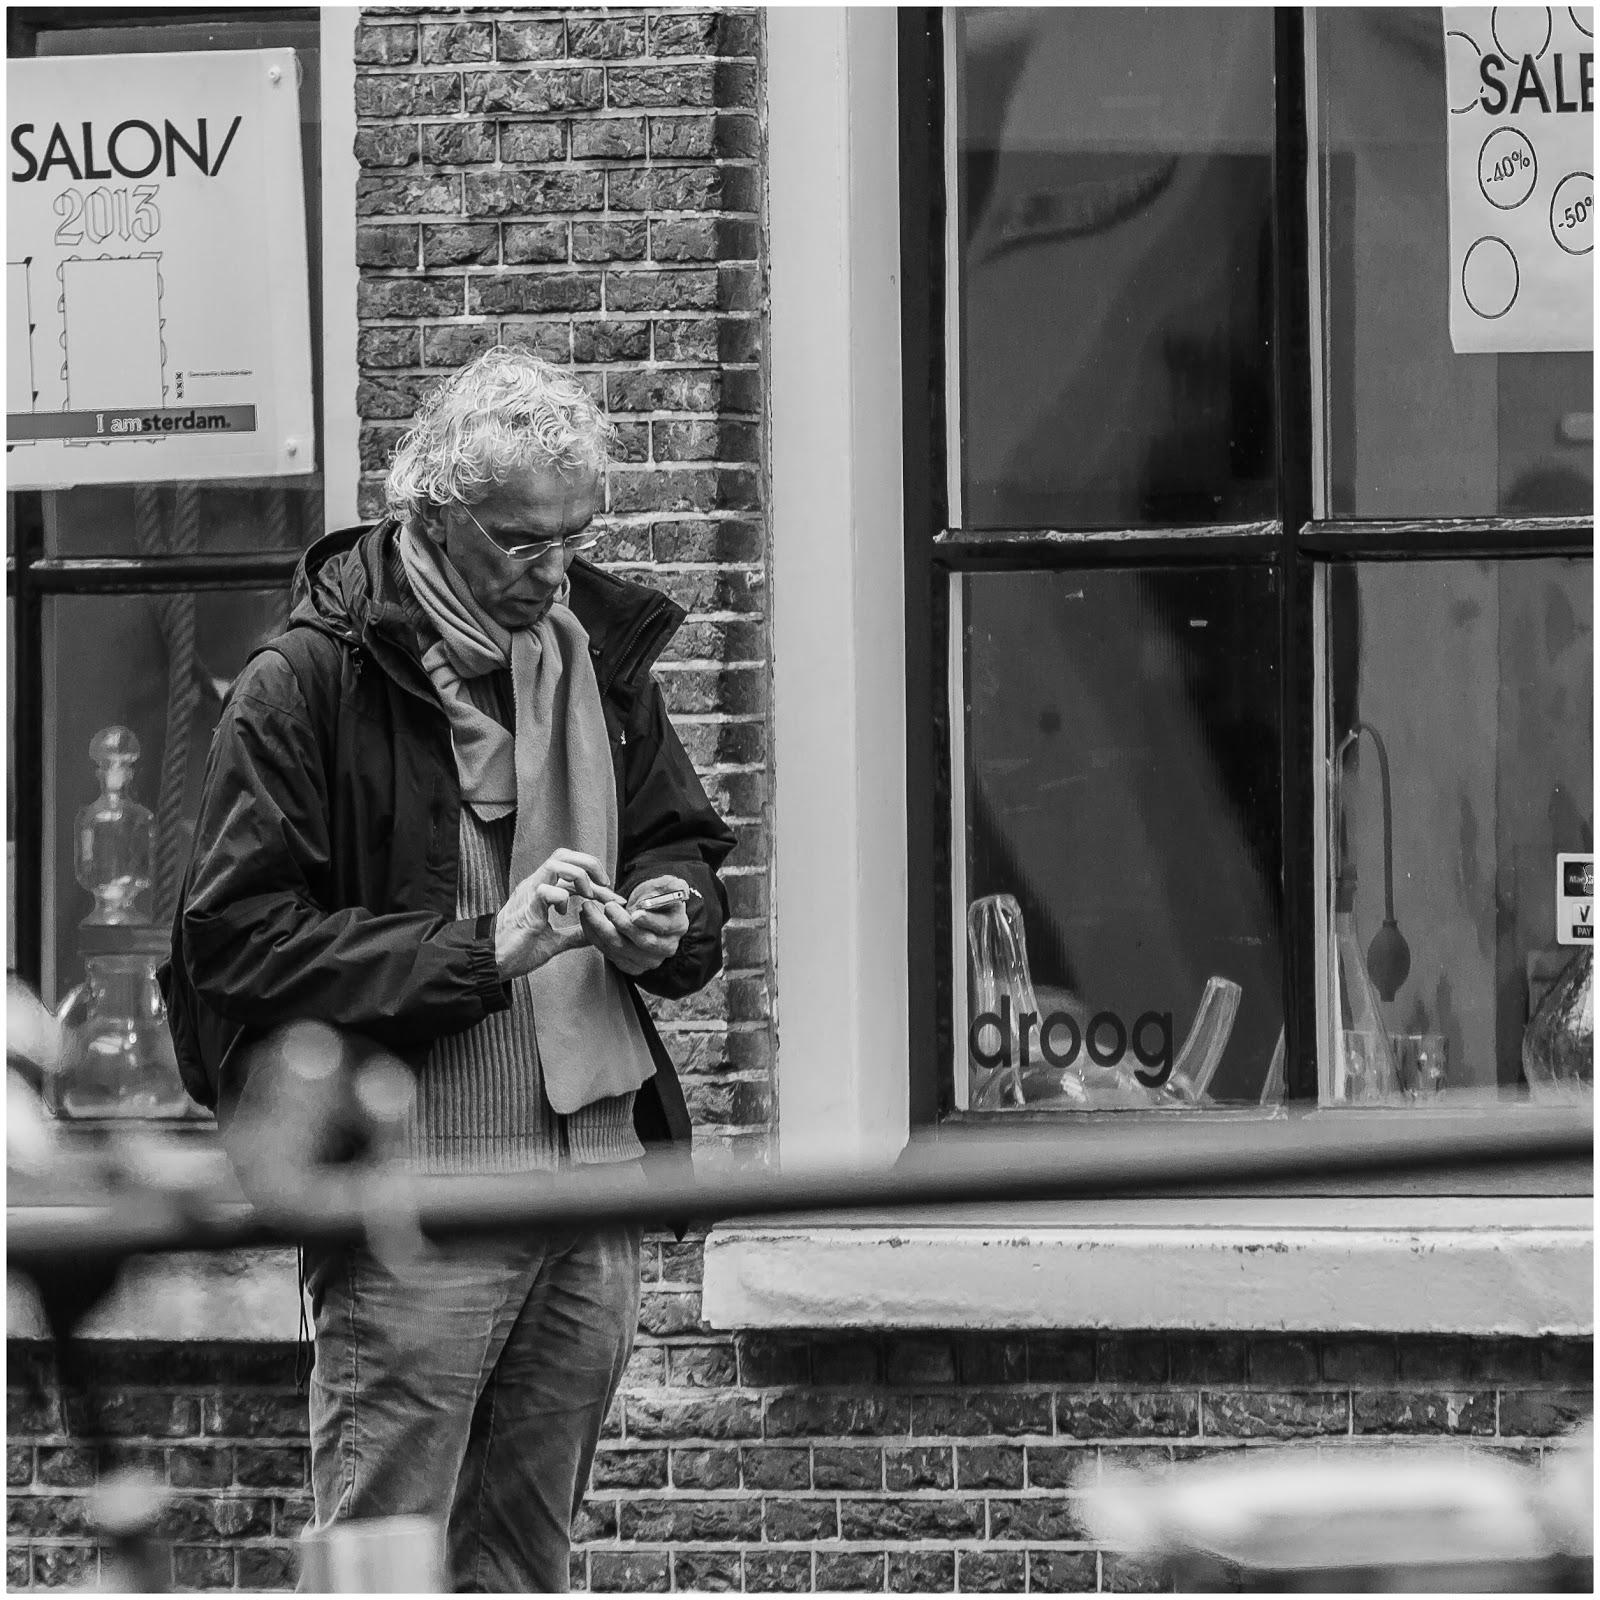 straatfotografie voorbeelden tips locaties apparatuur